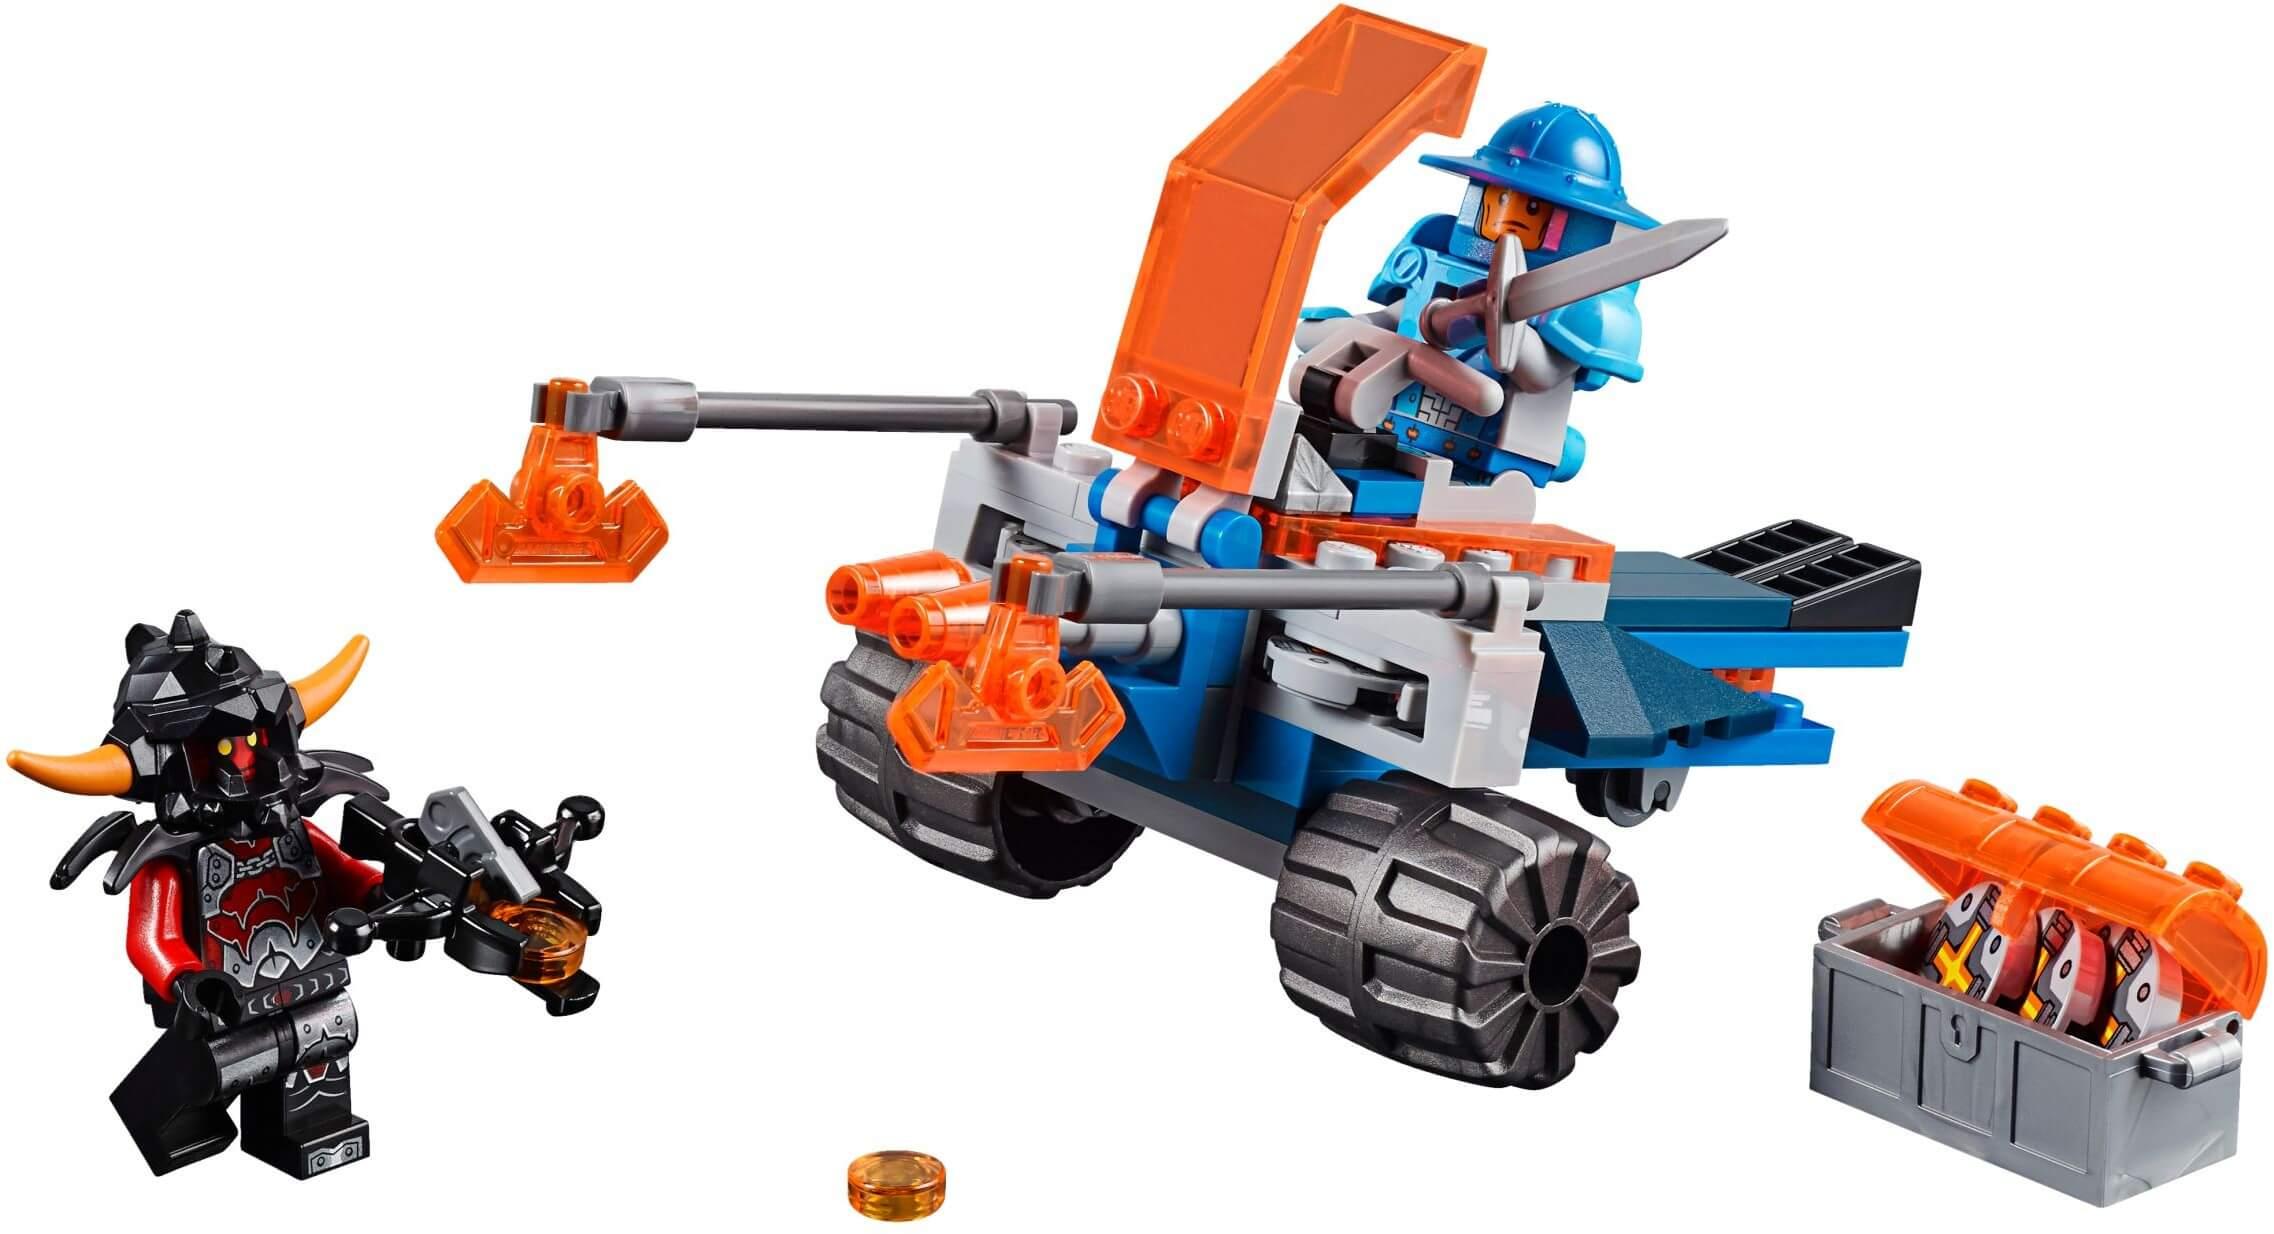 Mua đồ chơi LEGO 70310 - LEGO Nexo Knights 70310 - Xe chiến đấu của các Kỵ sĩ Knighton (LEGO Nexo Knights Knighton Battle Blaster 70310)